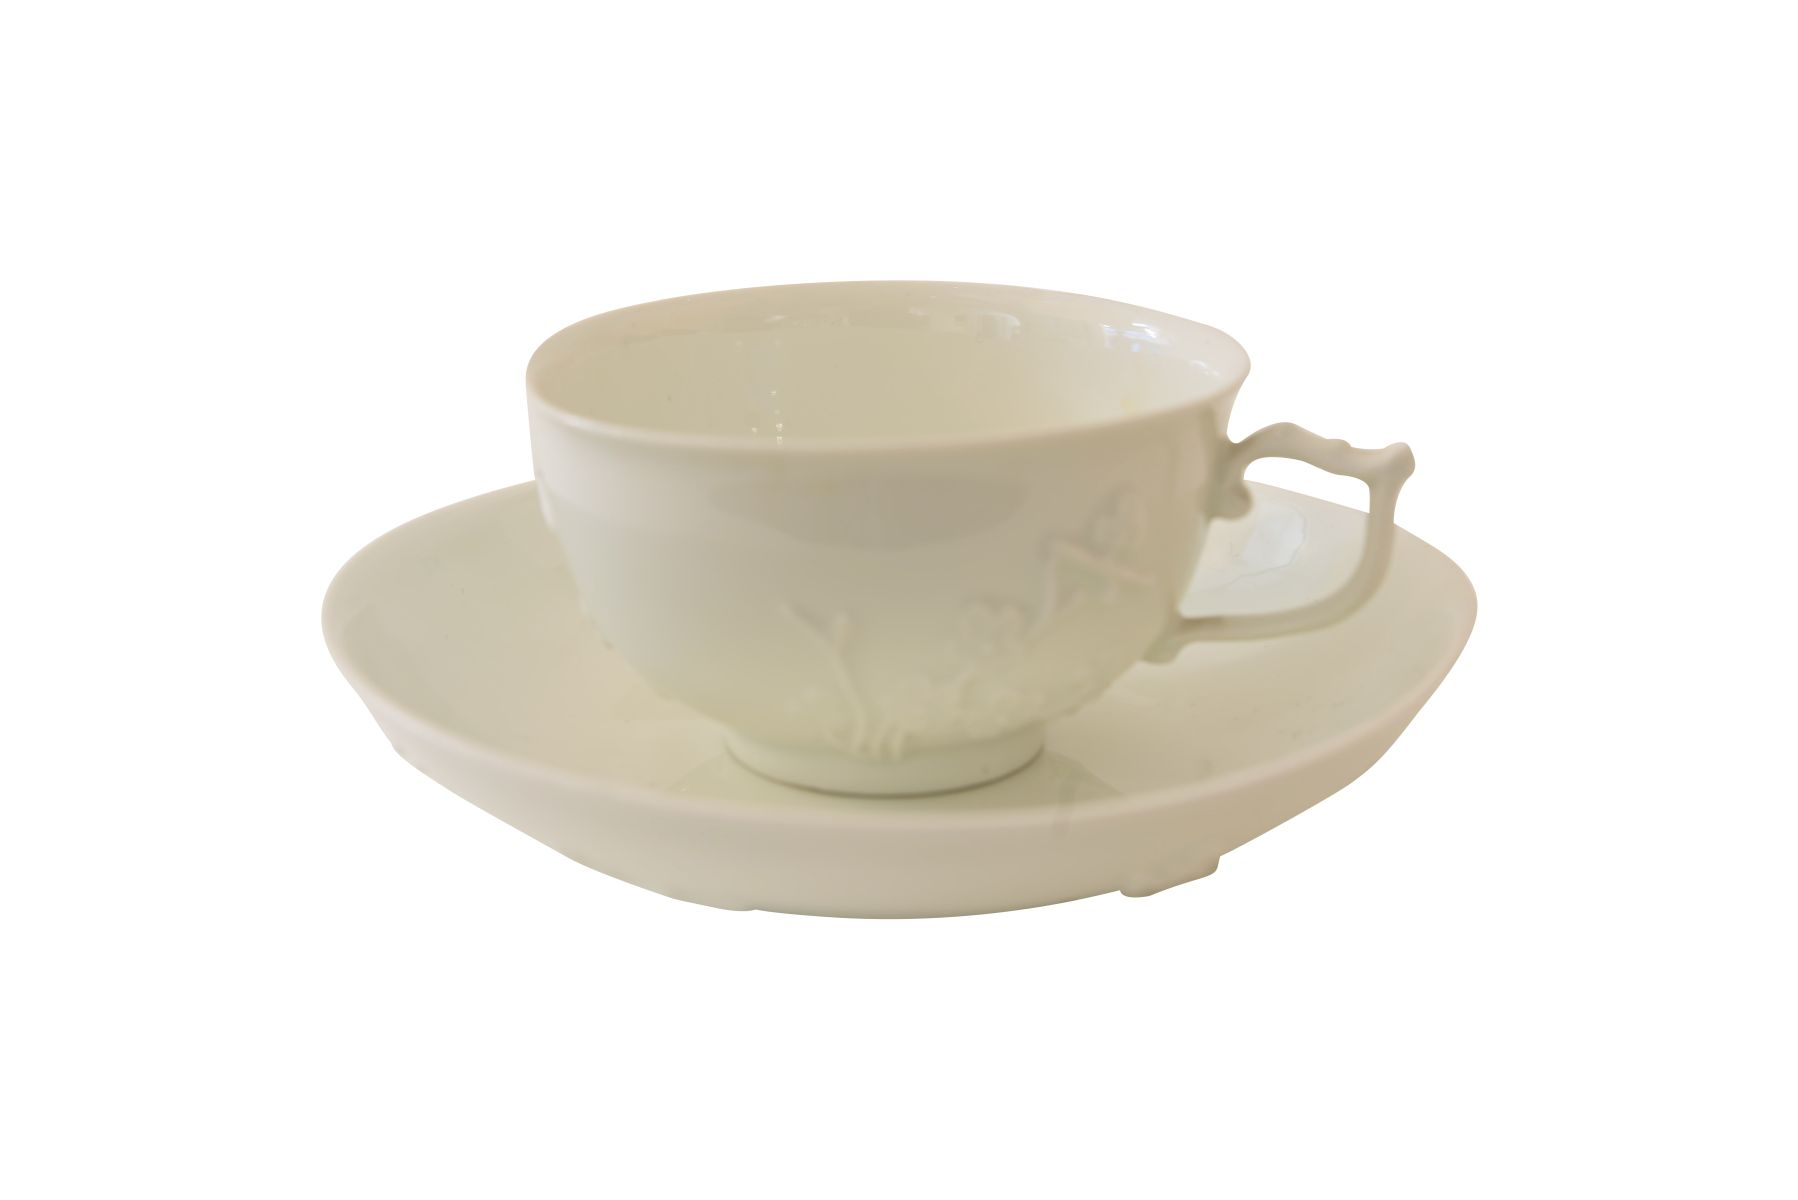 25 teiliges Kaffee- und Teeservice Meissen 18. Jahrhundert - Bild 15 aus 16